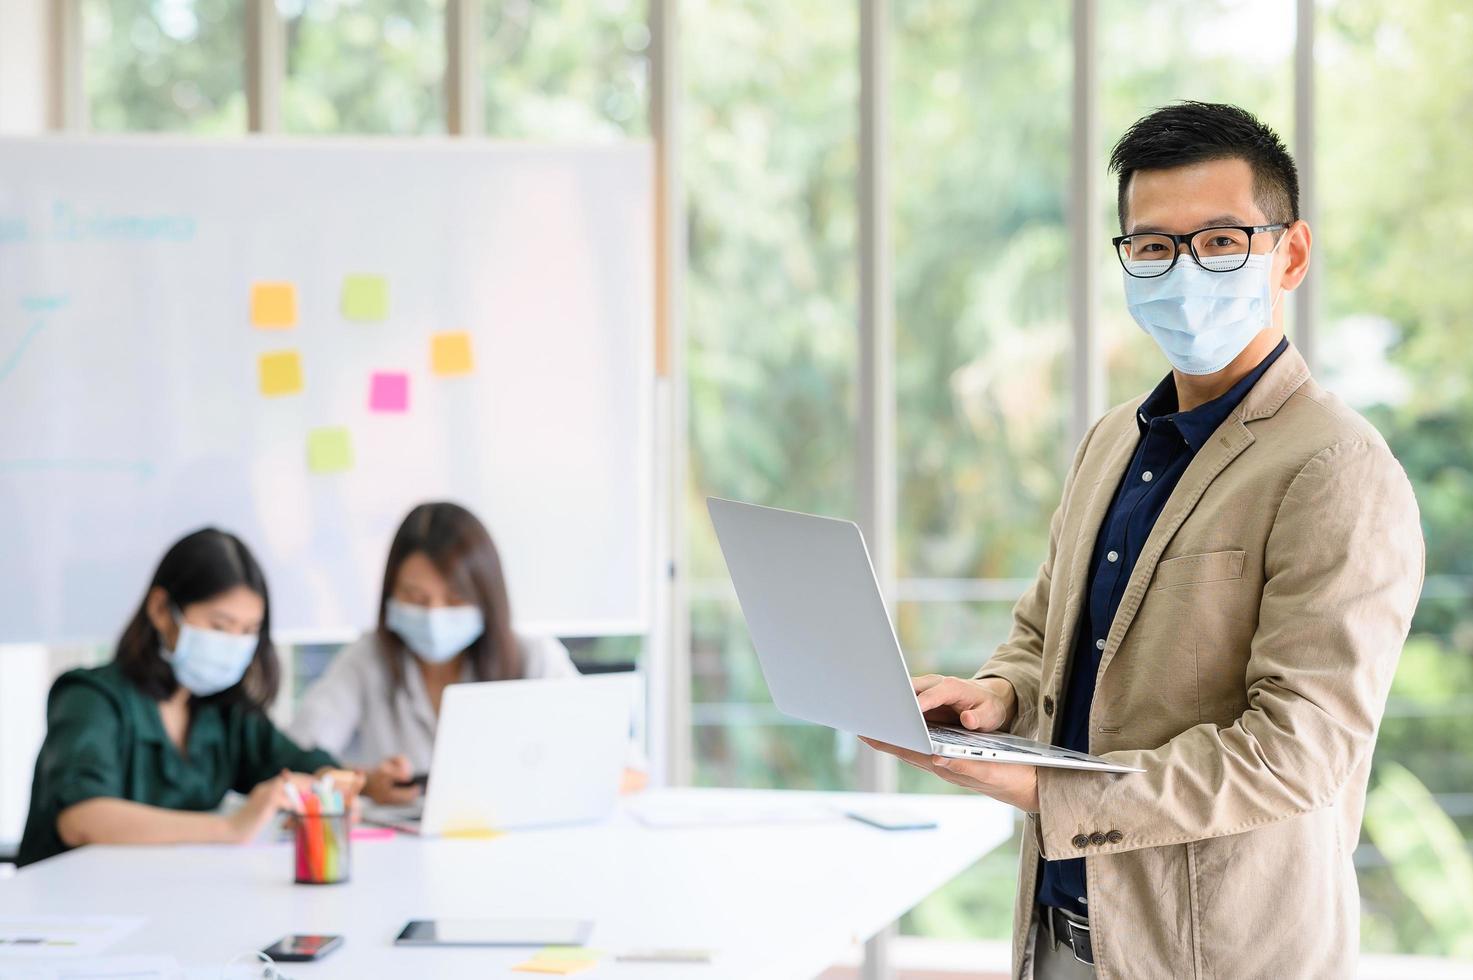 Geschäftsmann trägt Gesichtsmaske im Büro foto